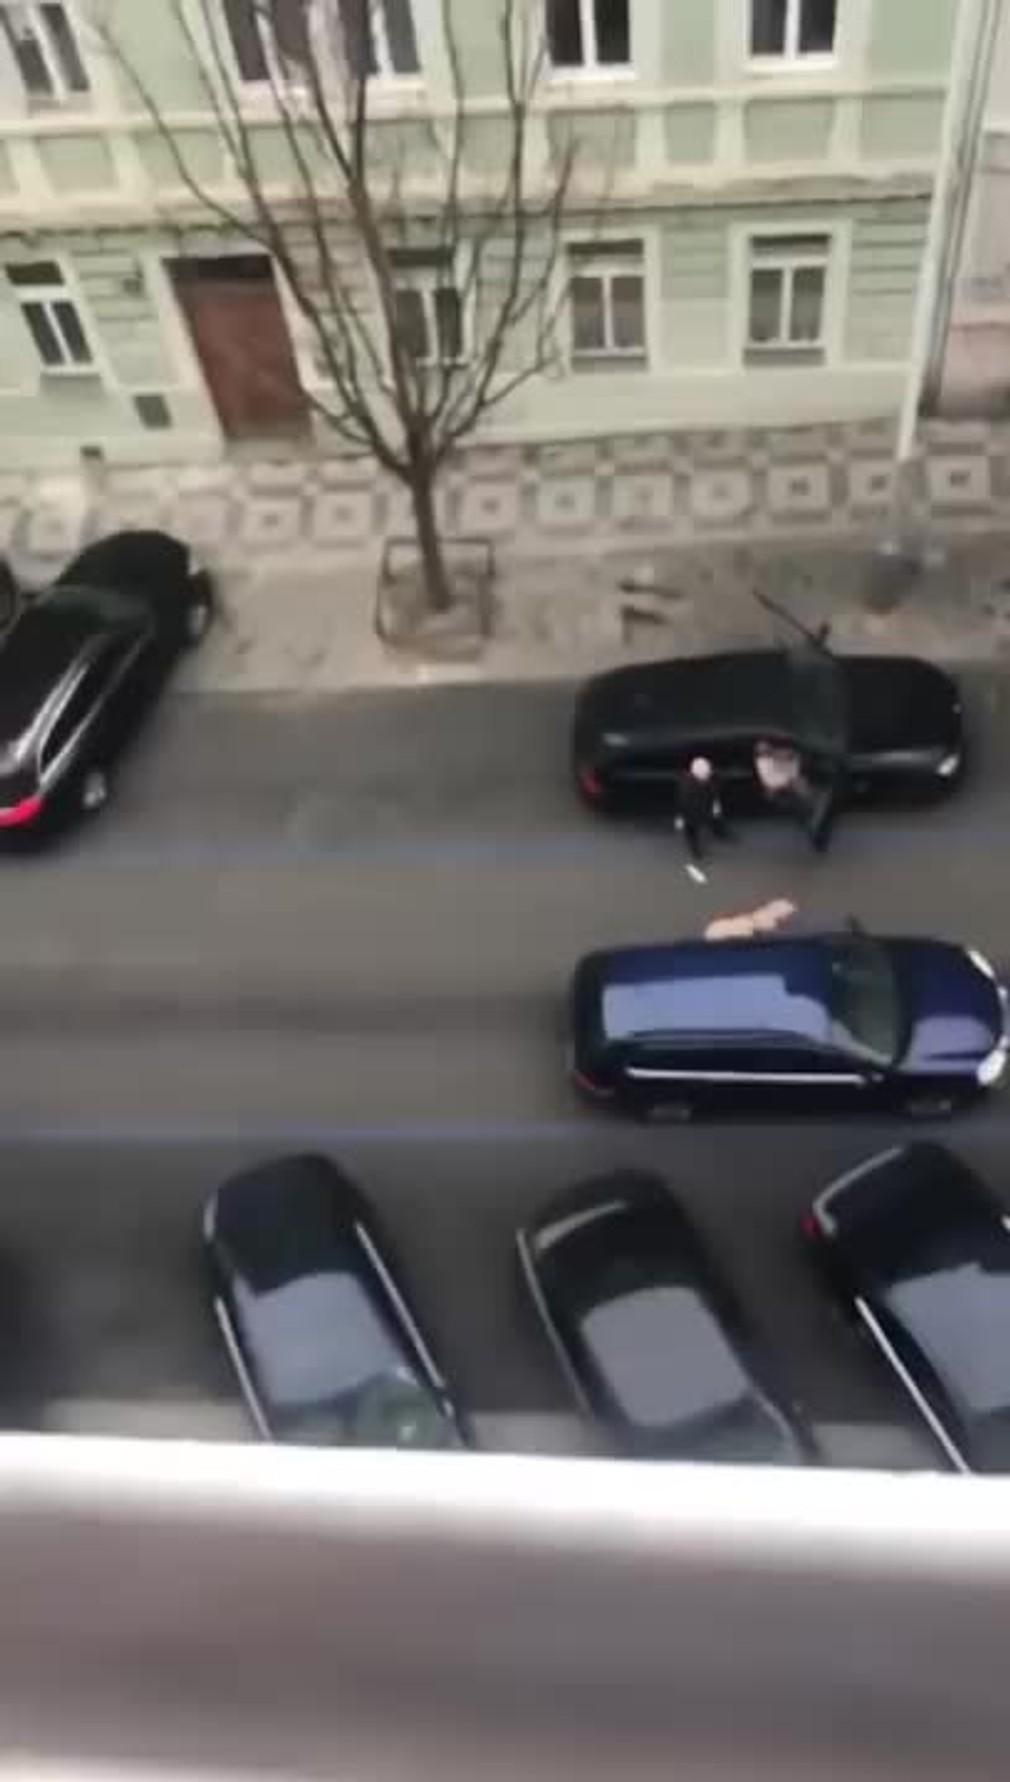 Surový počin taxikára. Z auta vyhodil slepú ženu, lebo mu prekážal jej vodiaci pes